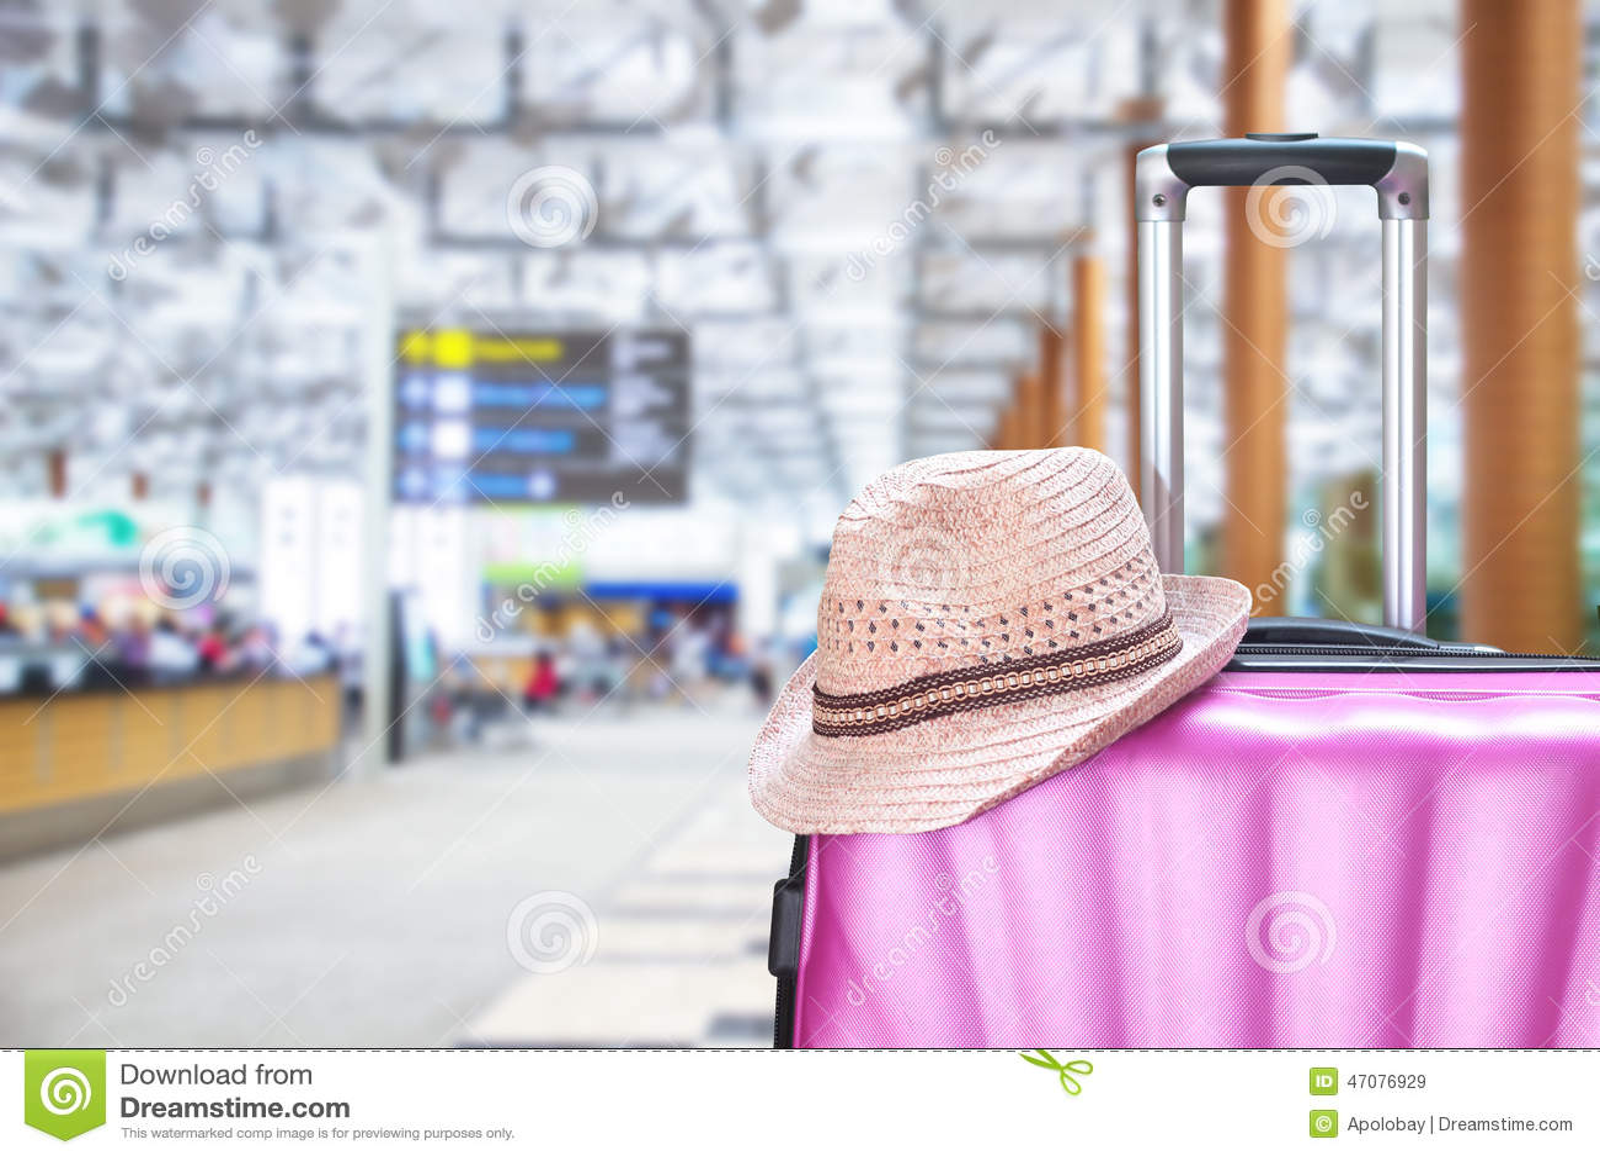 Maleta y sombrero en el aeropuerto